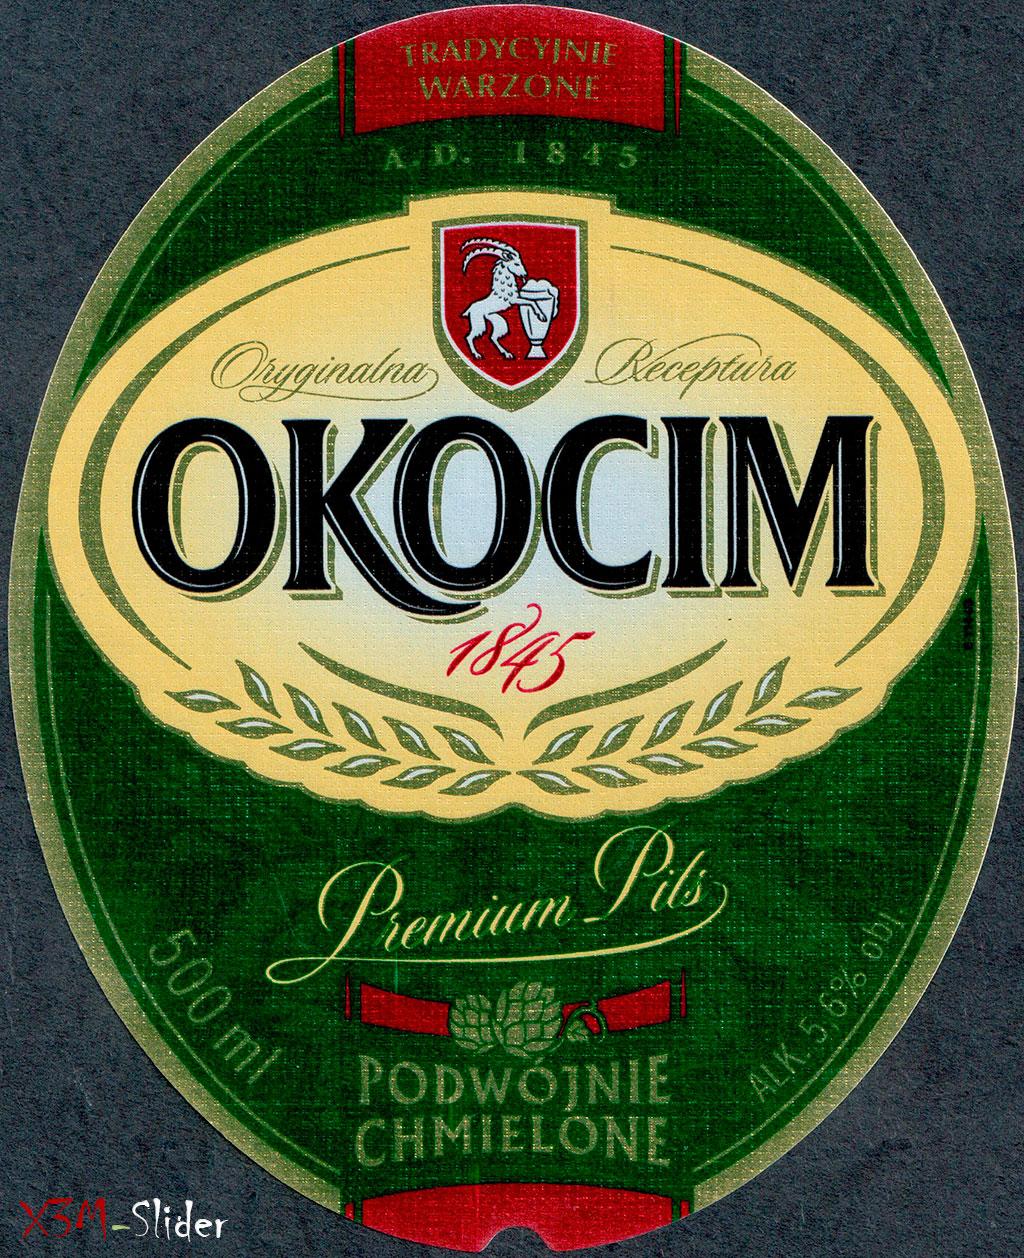 Okocim - Premium Pils